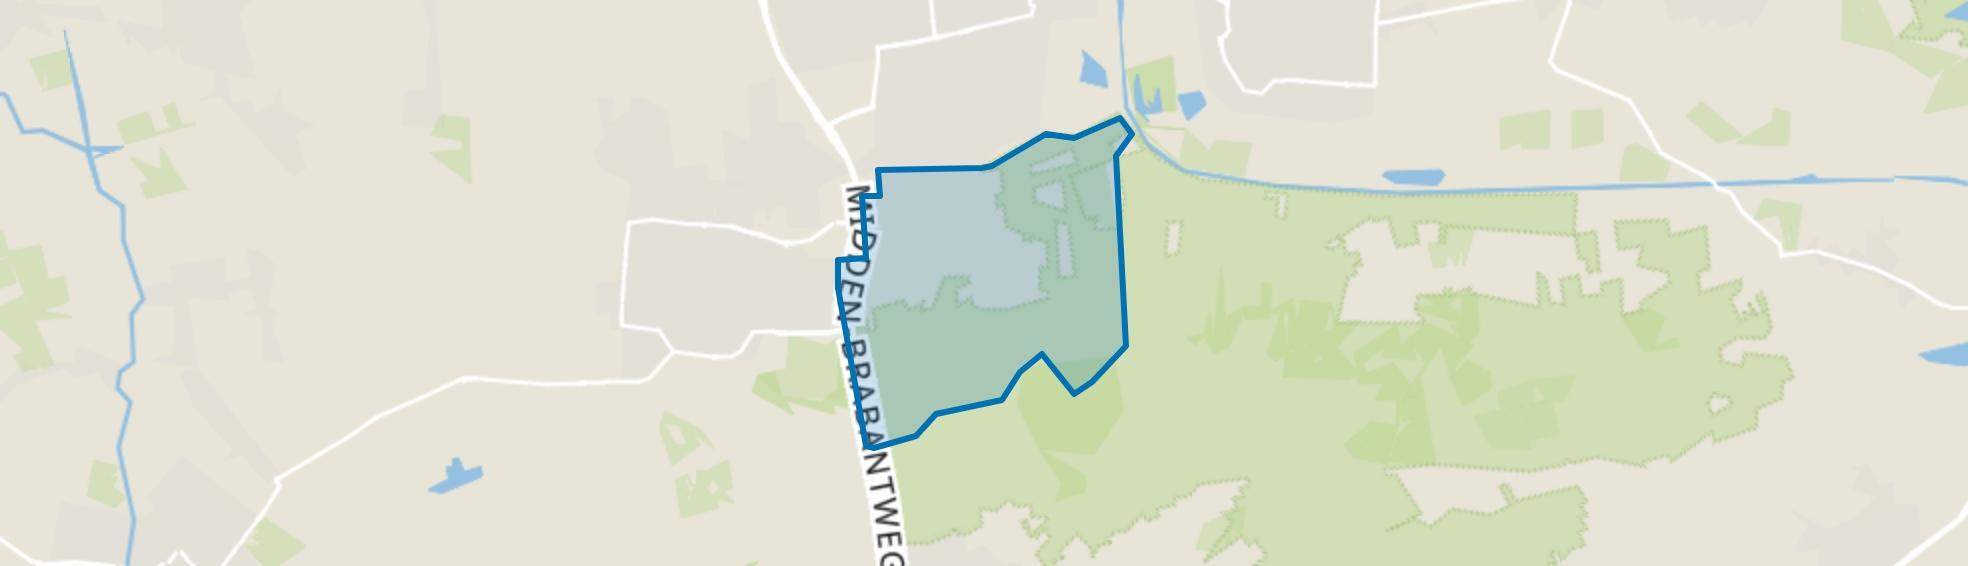 Het Hoekske, Kaatsheuvel map